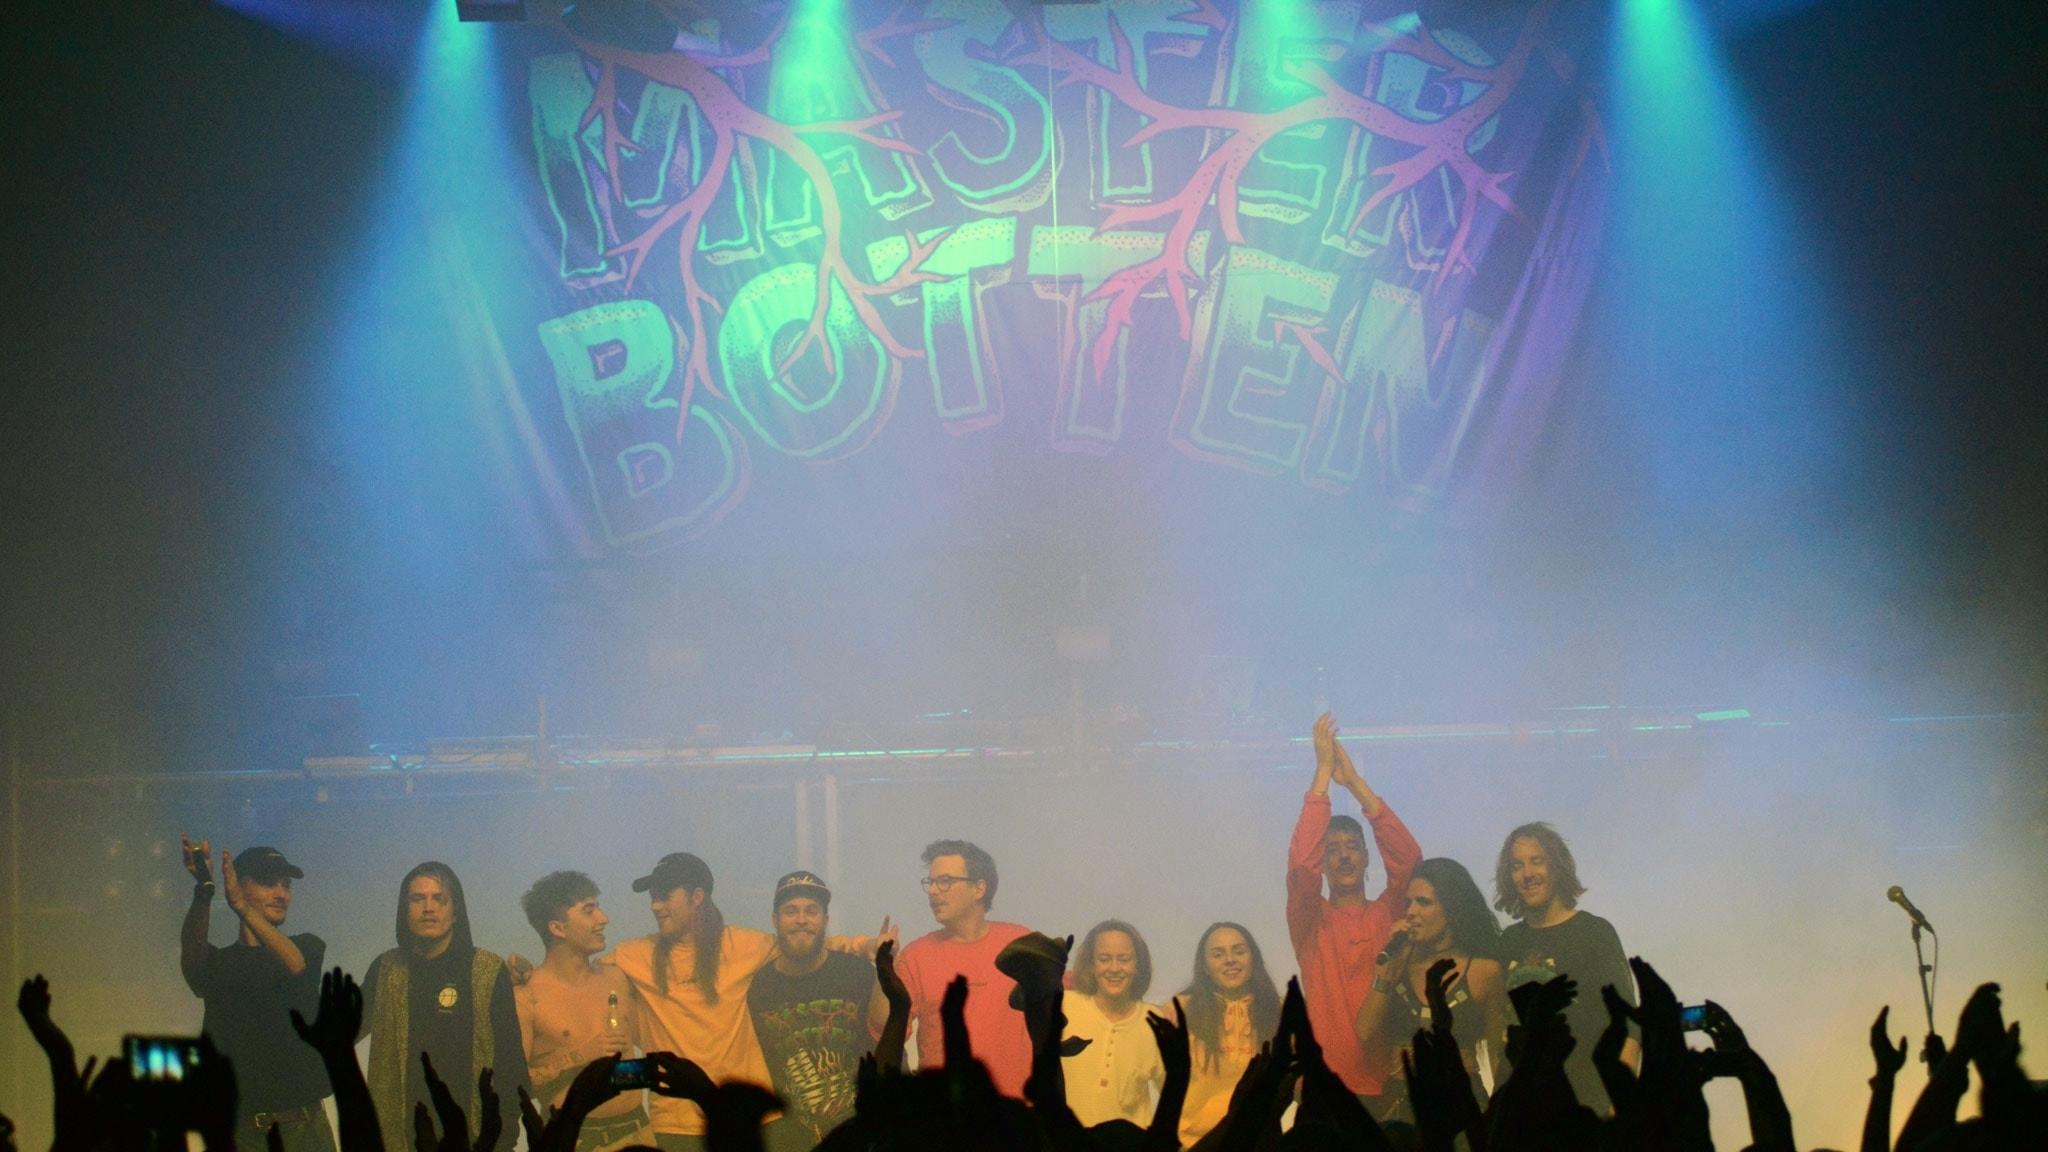 Stor hiphopfest med Cleo, Broder John, Ayla Shatz, Trainspotters m fl